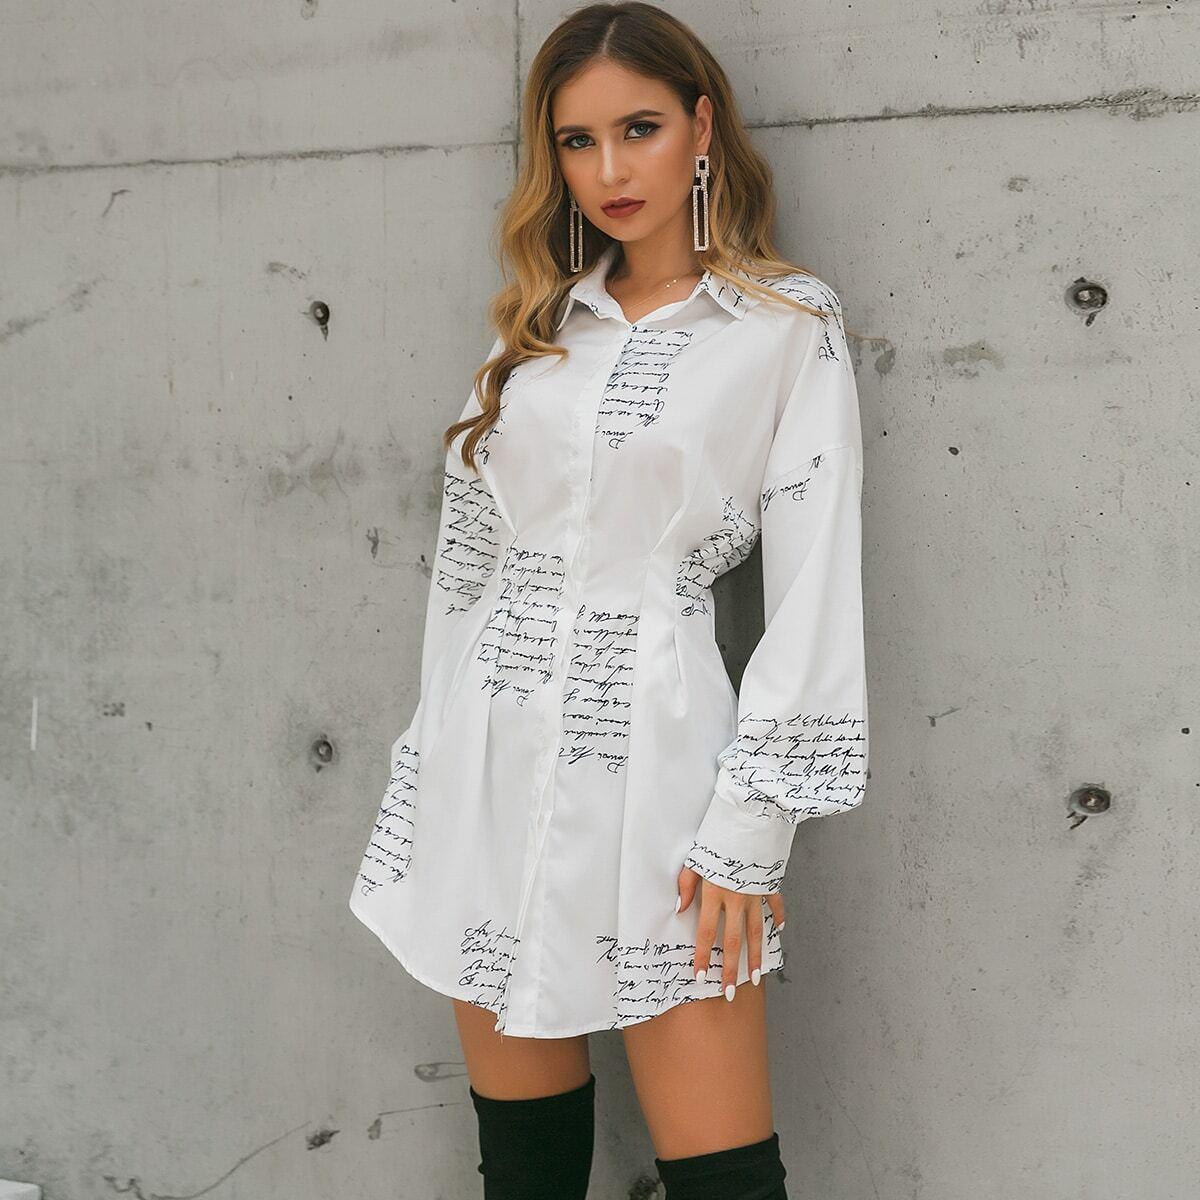 платье-рубашка с текстовым принтом